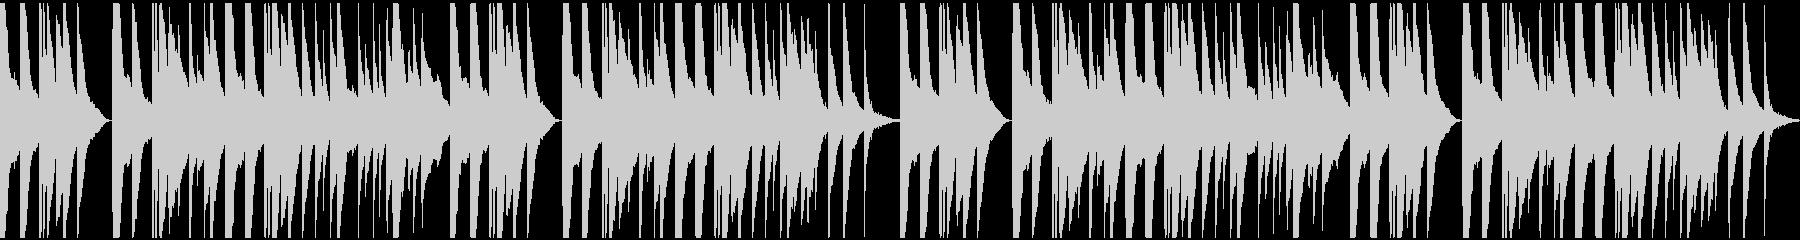 しんみりとした切ないオルゴールピアノの未再生の波形